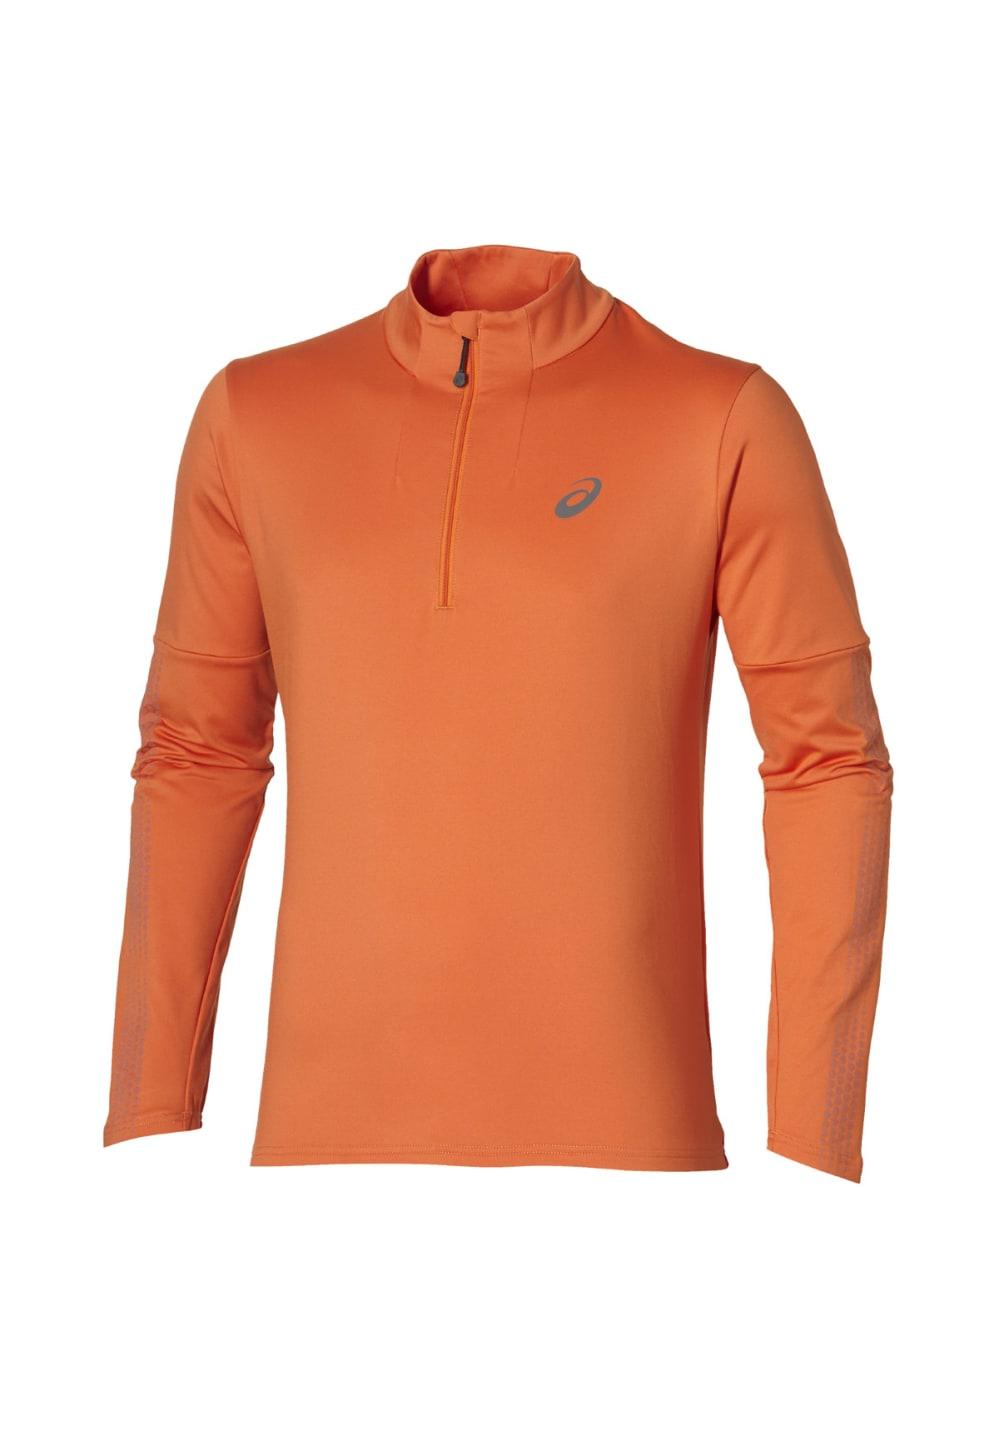 ASICS Lite-Show Long Sleeve 1/2 Zip - Laufshirts für Herren - Orange, Gr. XL